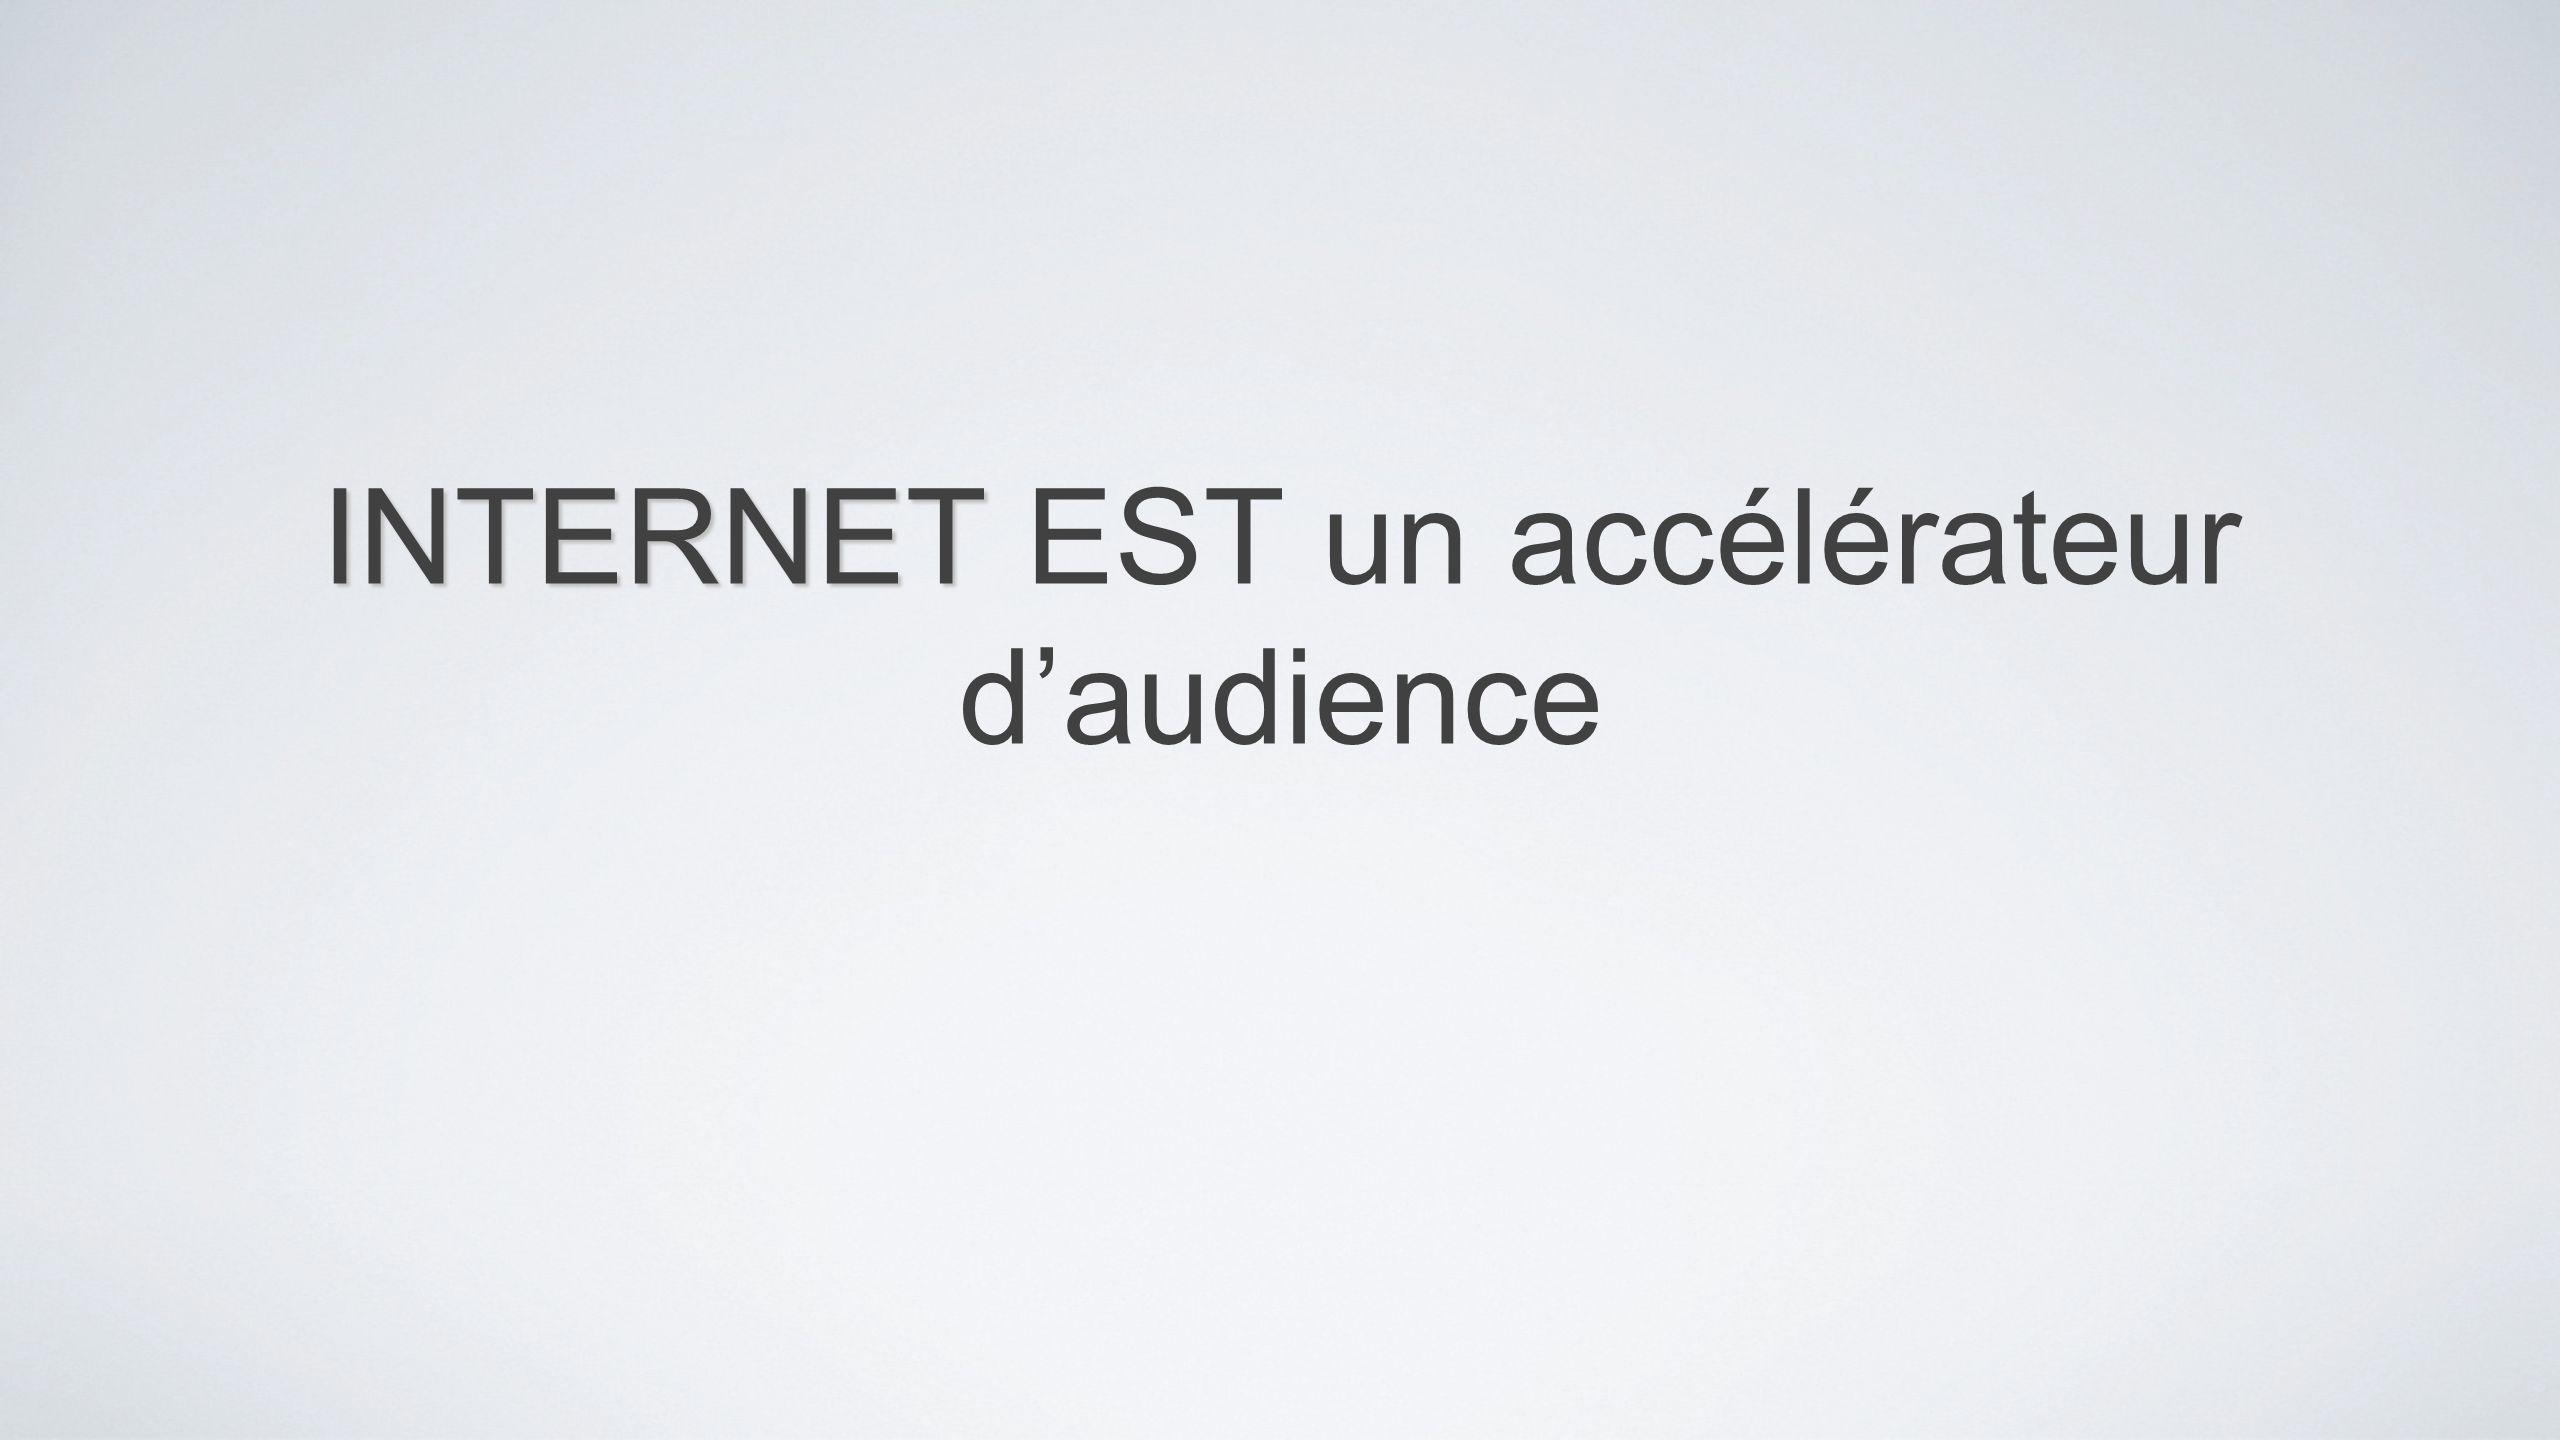 INTERNET EST un accélérateur d'audience